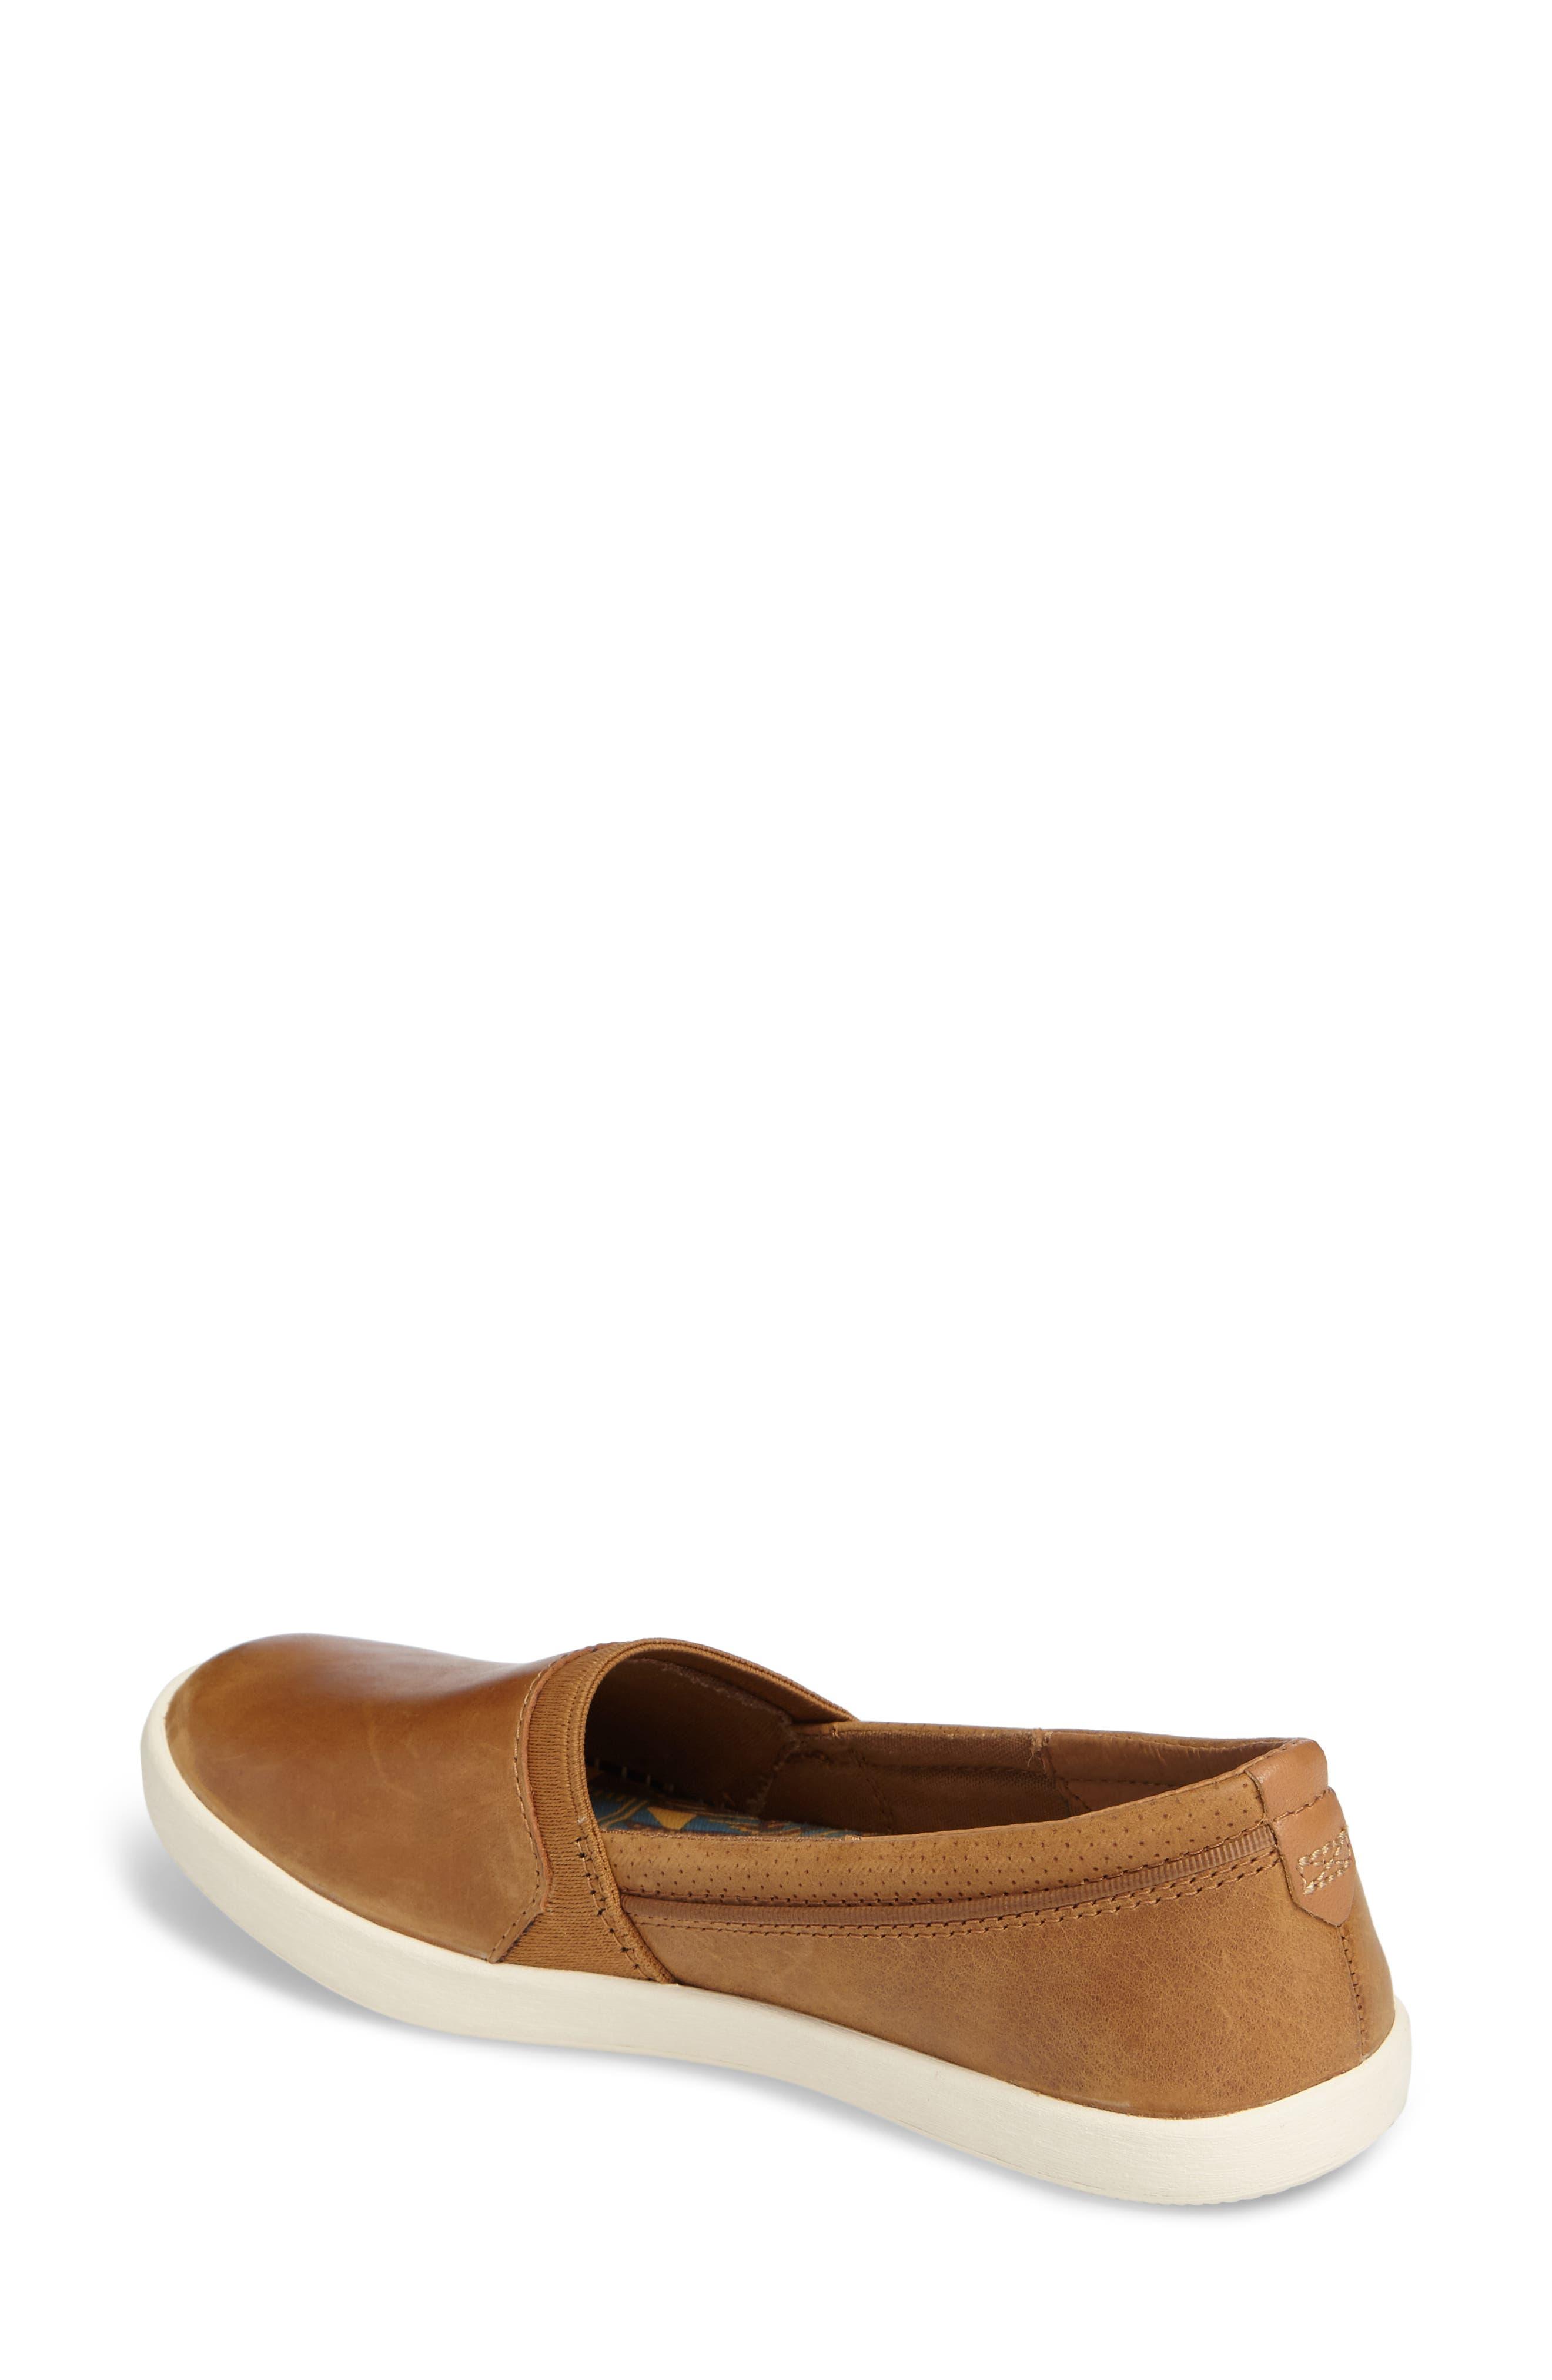 Willow Slip-On Sneaker,                             Alternate thumbnail 7, color,